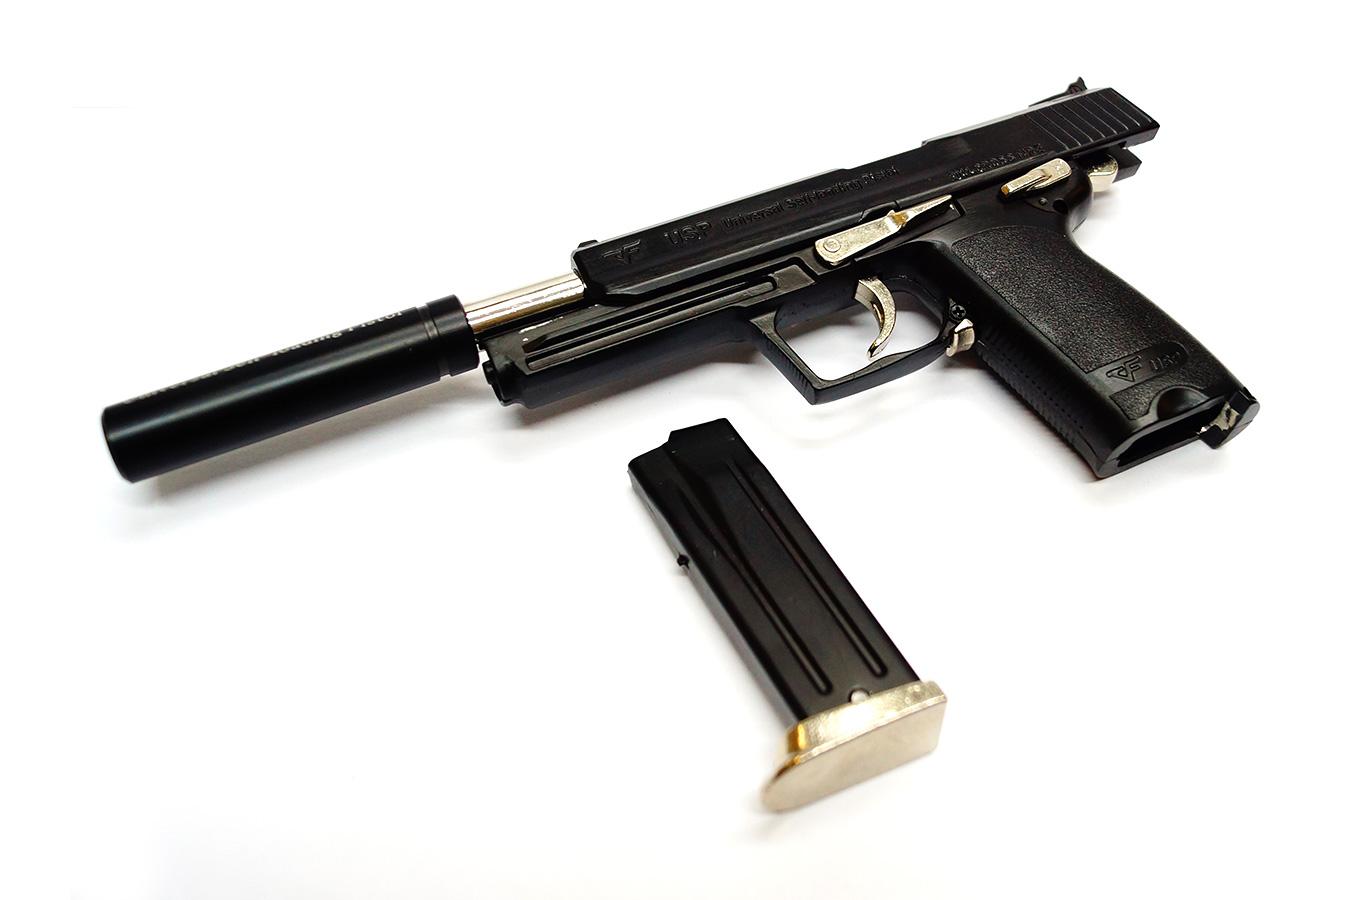 HK USP Tactical ����������� 2